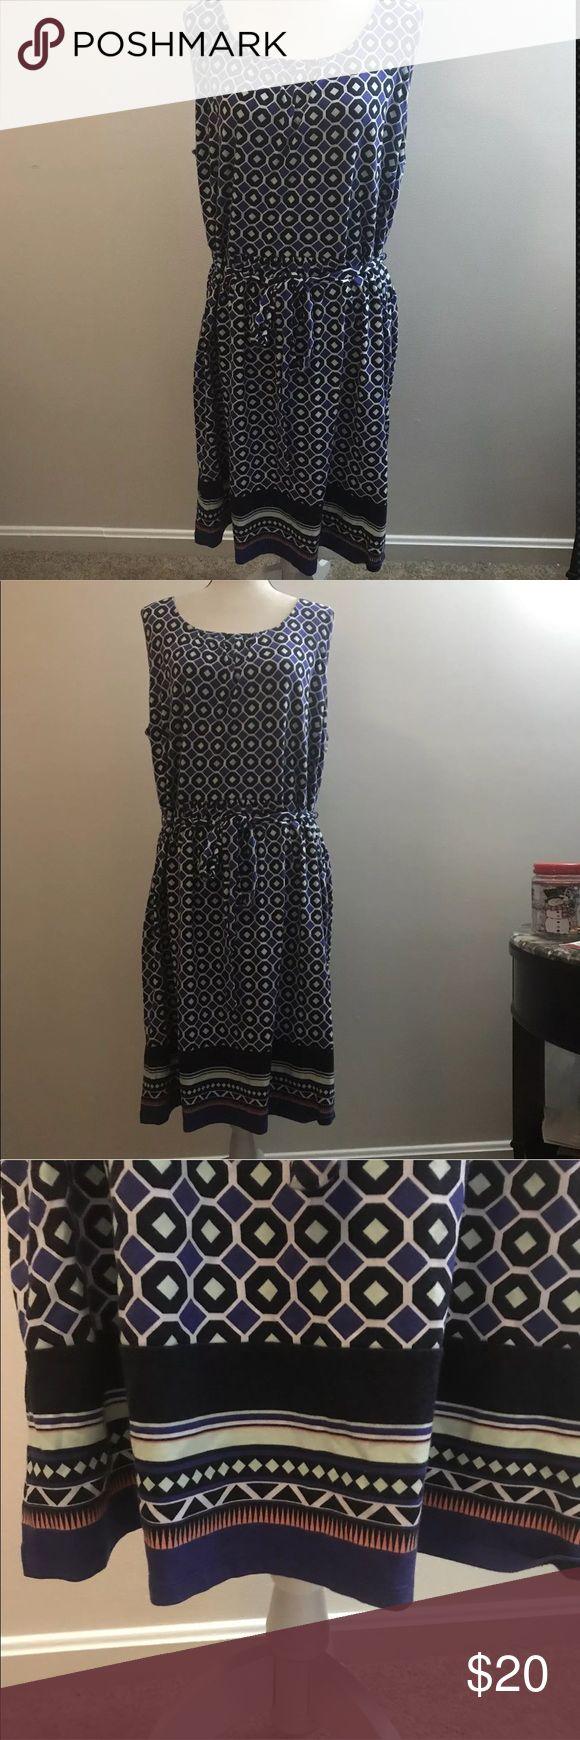 Talbots 3X Dress Blue Tie back plus size dress Talbots 3X Dress Blue Pattern Scoop Neck Tie Back career casual (450) Talbots Dresses Midi